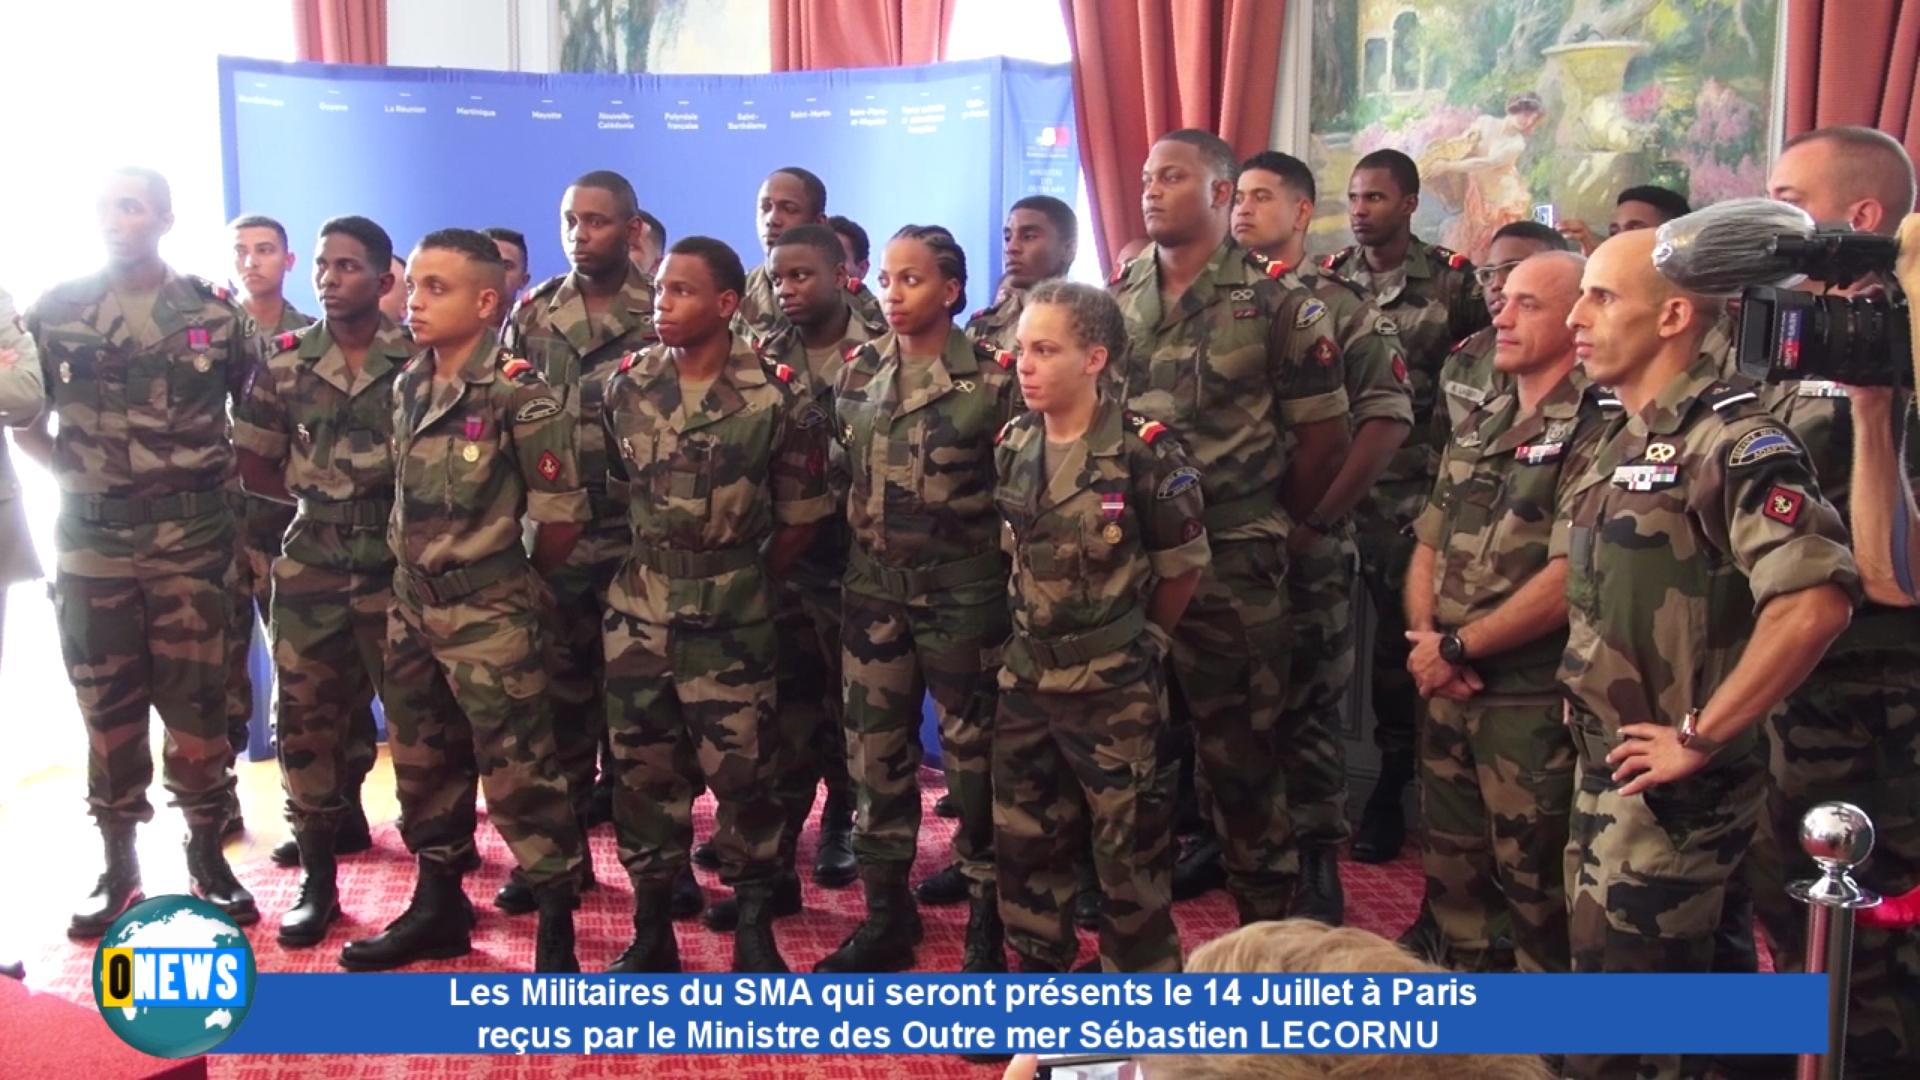 [Vidéo] Accueil des Militaires du Sma à Paris pour le 14 juillet par le Ministère des Outre mer